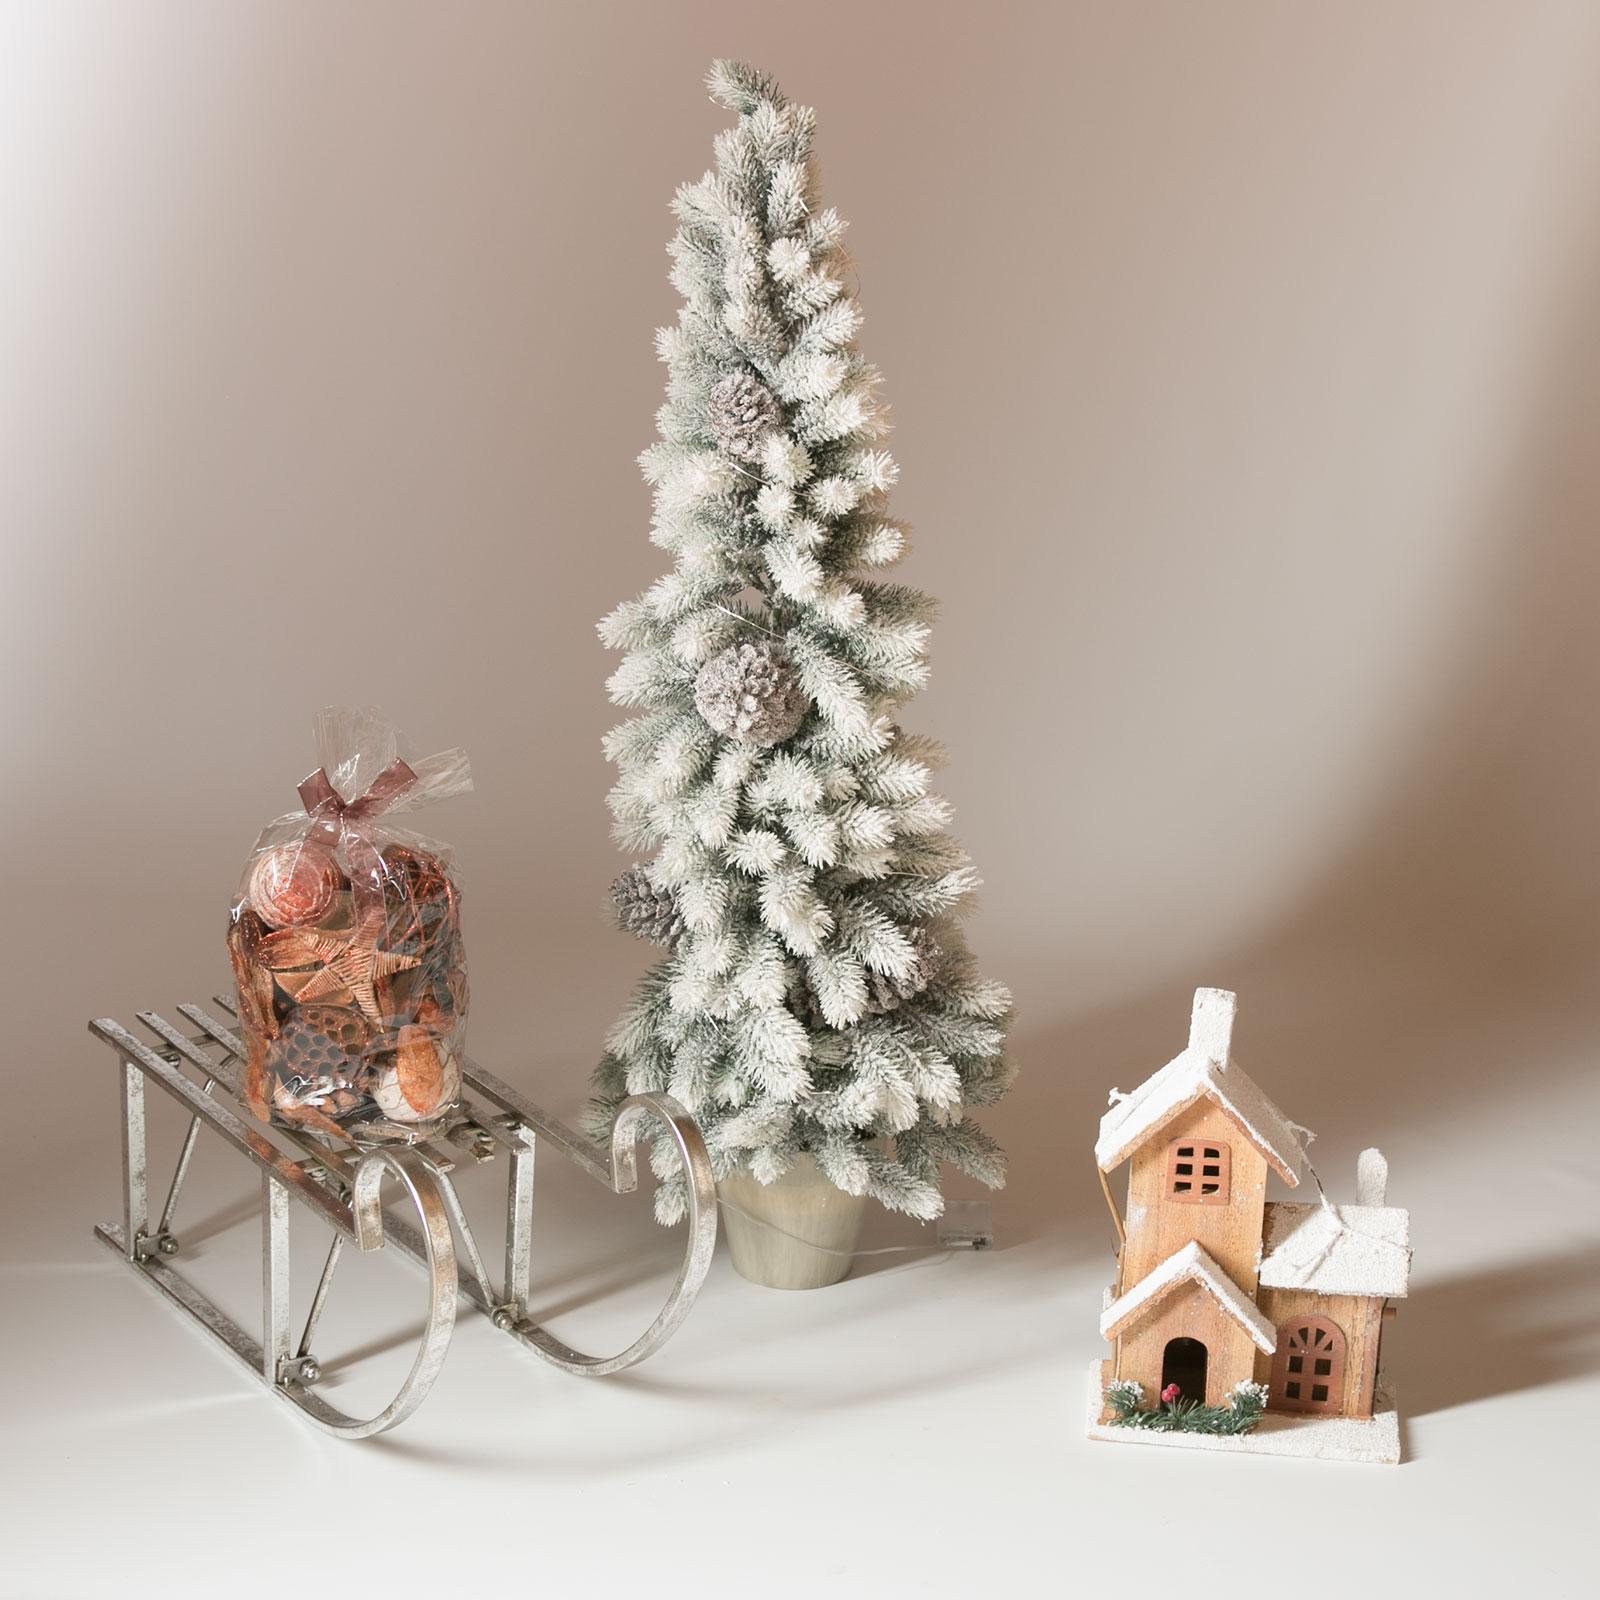 Ausgefallene Deko Silber: Deko Schlitten Metall Silber Dekoschlitten Weihnachten